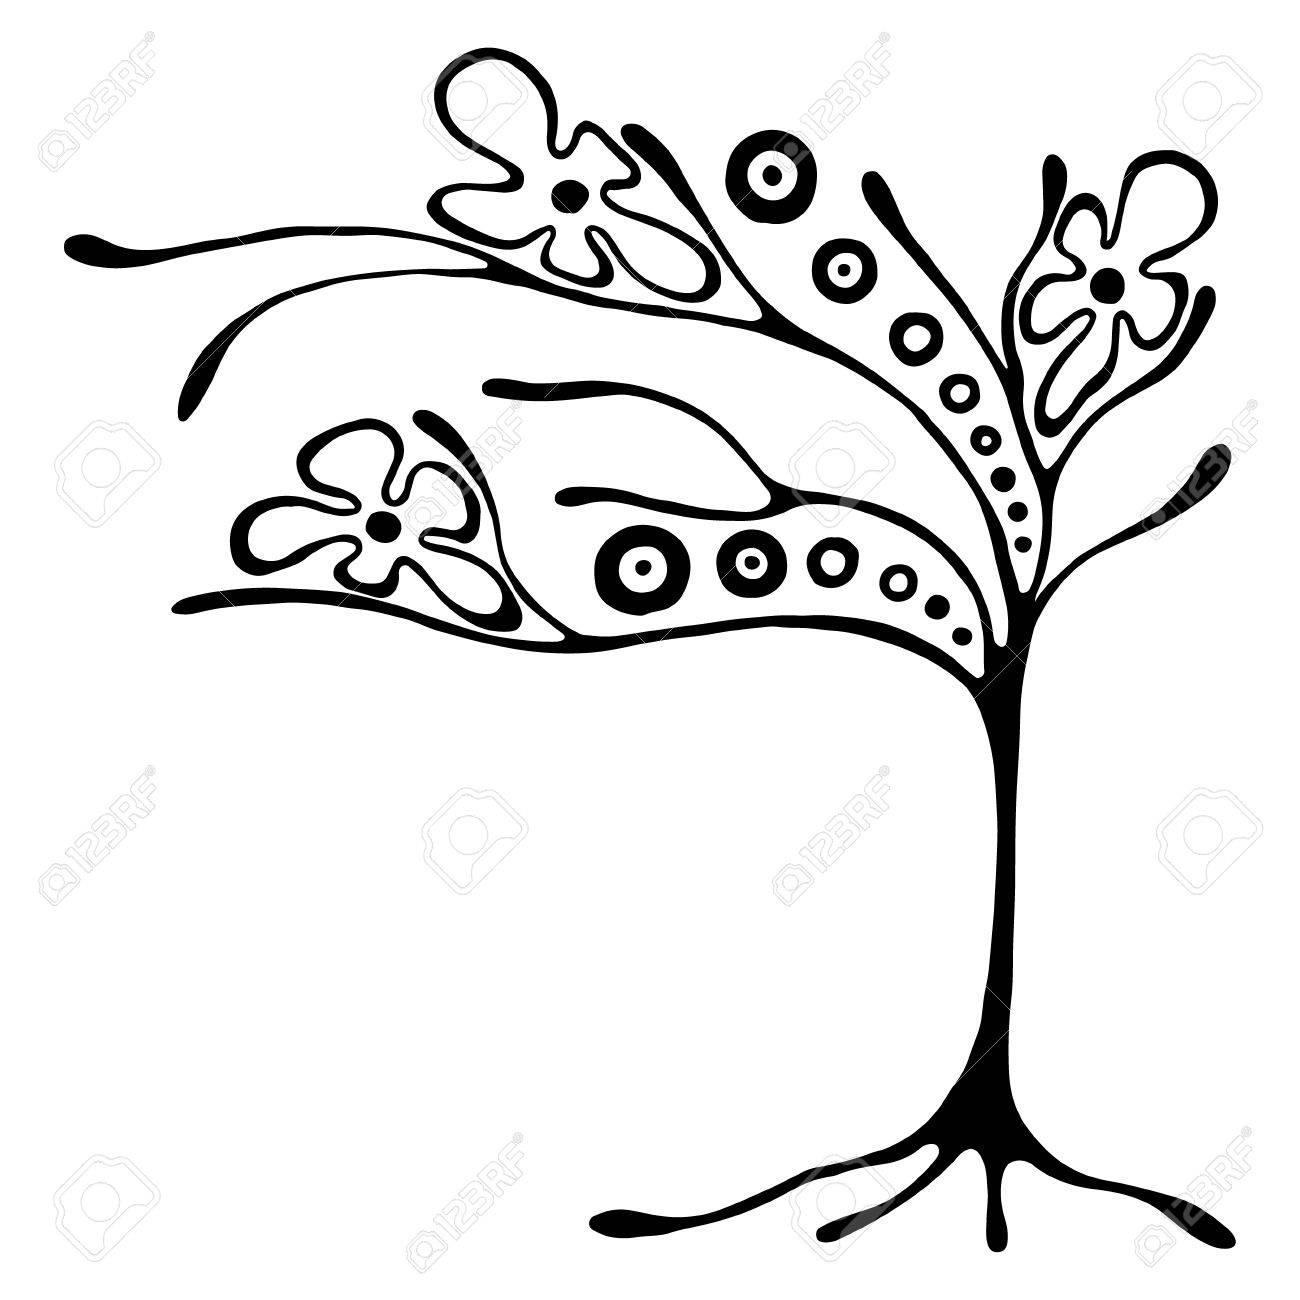 Vector Hand Illustration Dessinée Décoratif Arbre Stylisé Ornemental Noir Et Blanc Illustration Graphique Isolé Sur Le Fond Blanc Inc Dessin